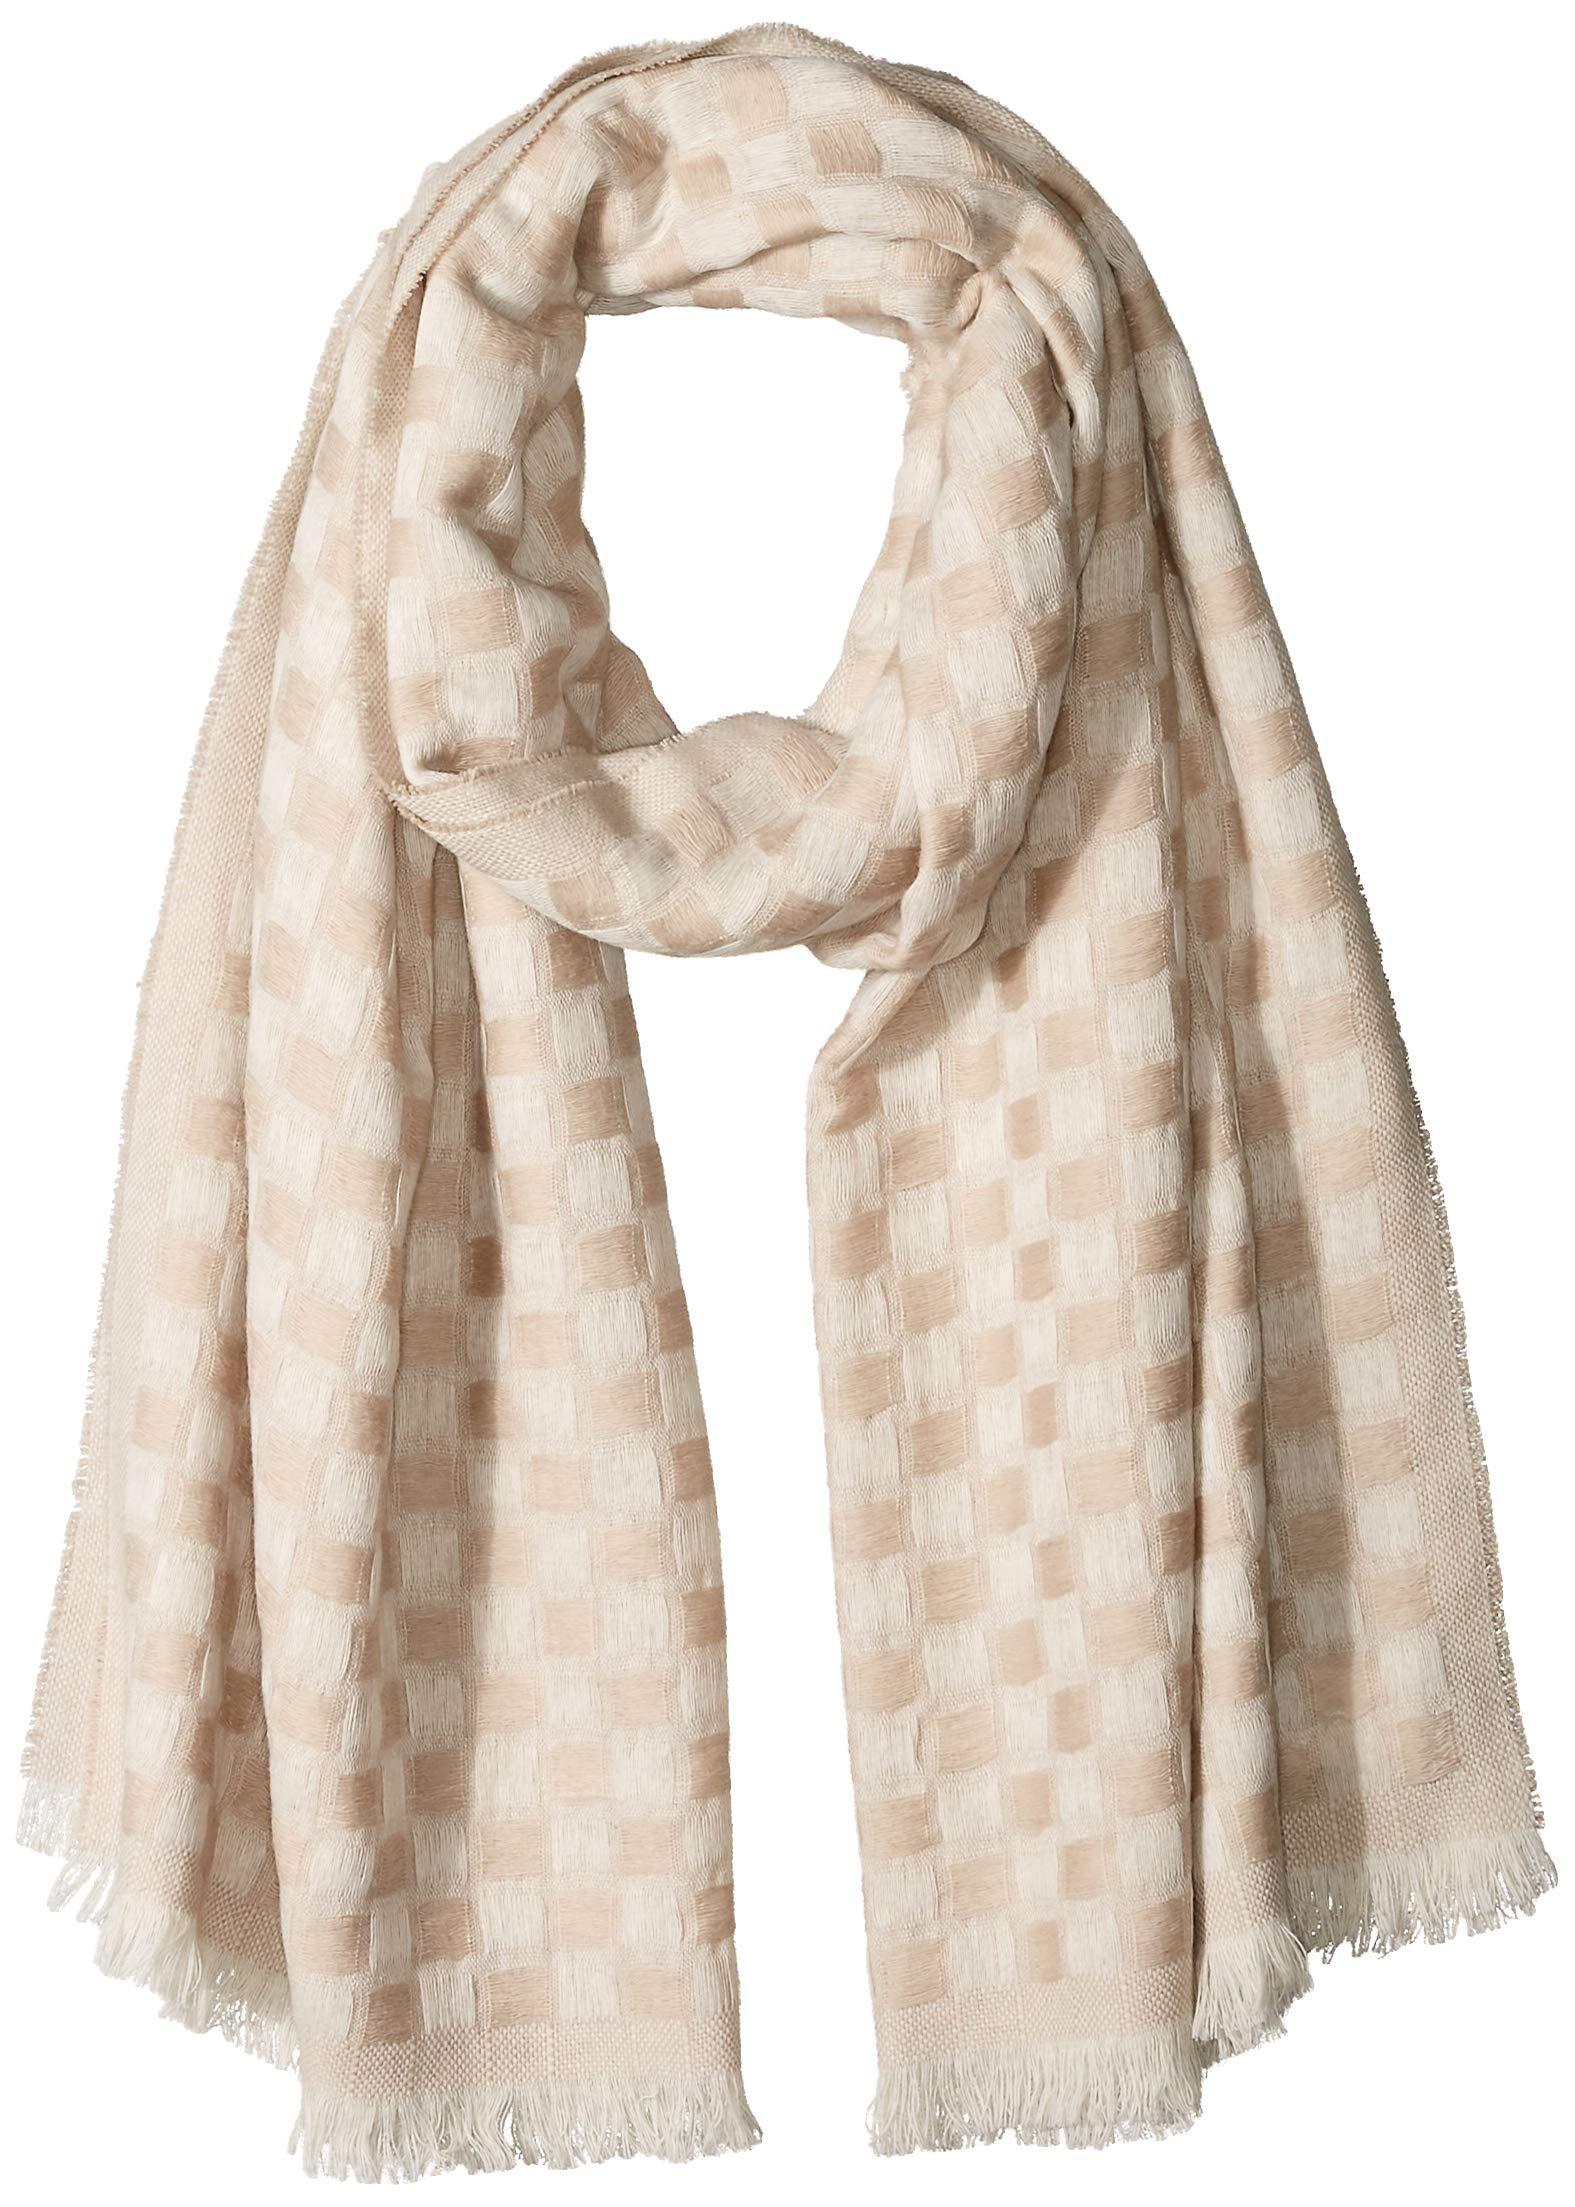 Pendleton Women's Textured Scarf, tan Mix, One Size